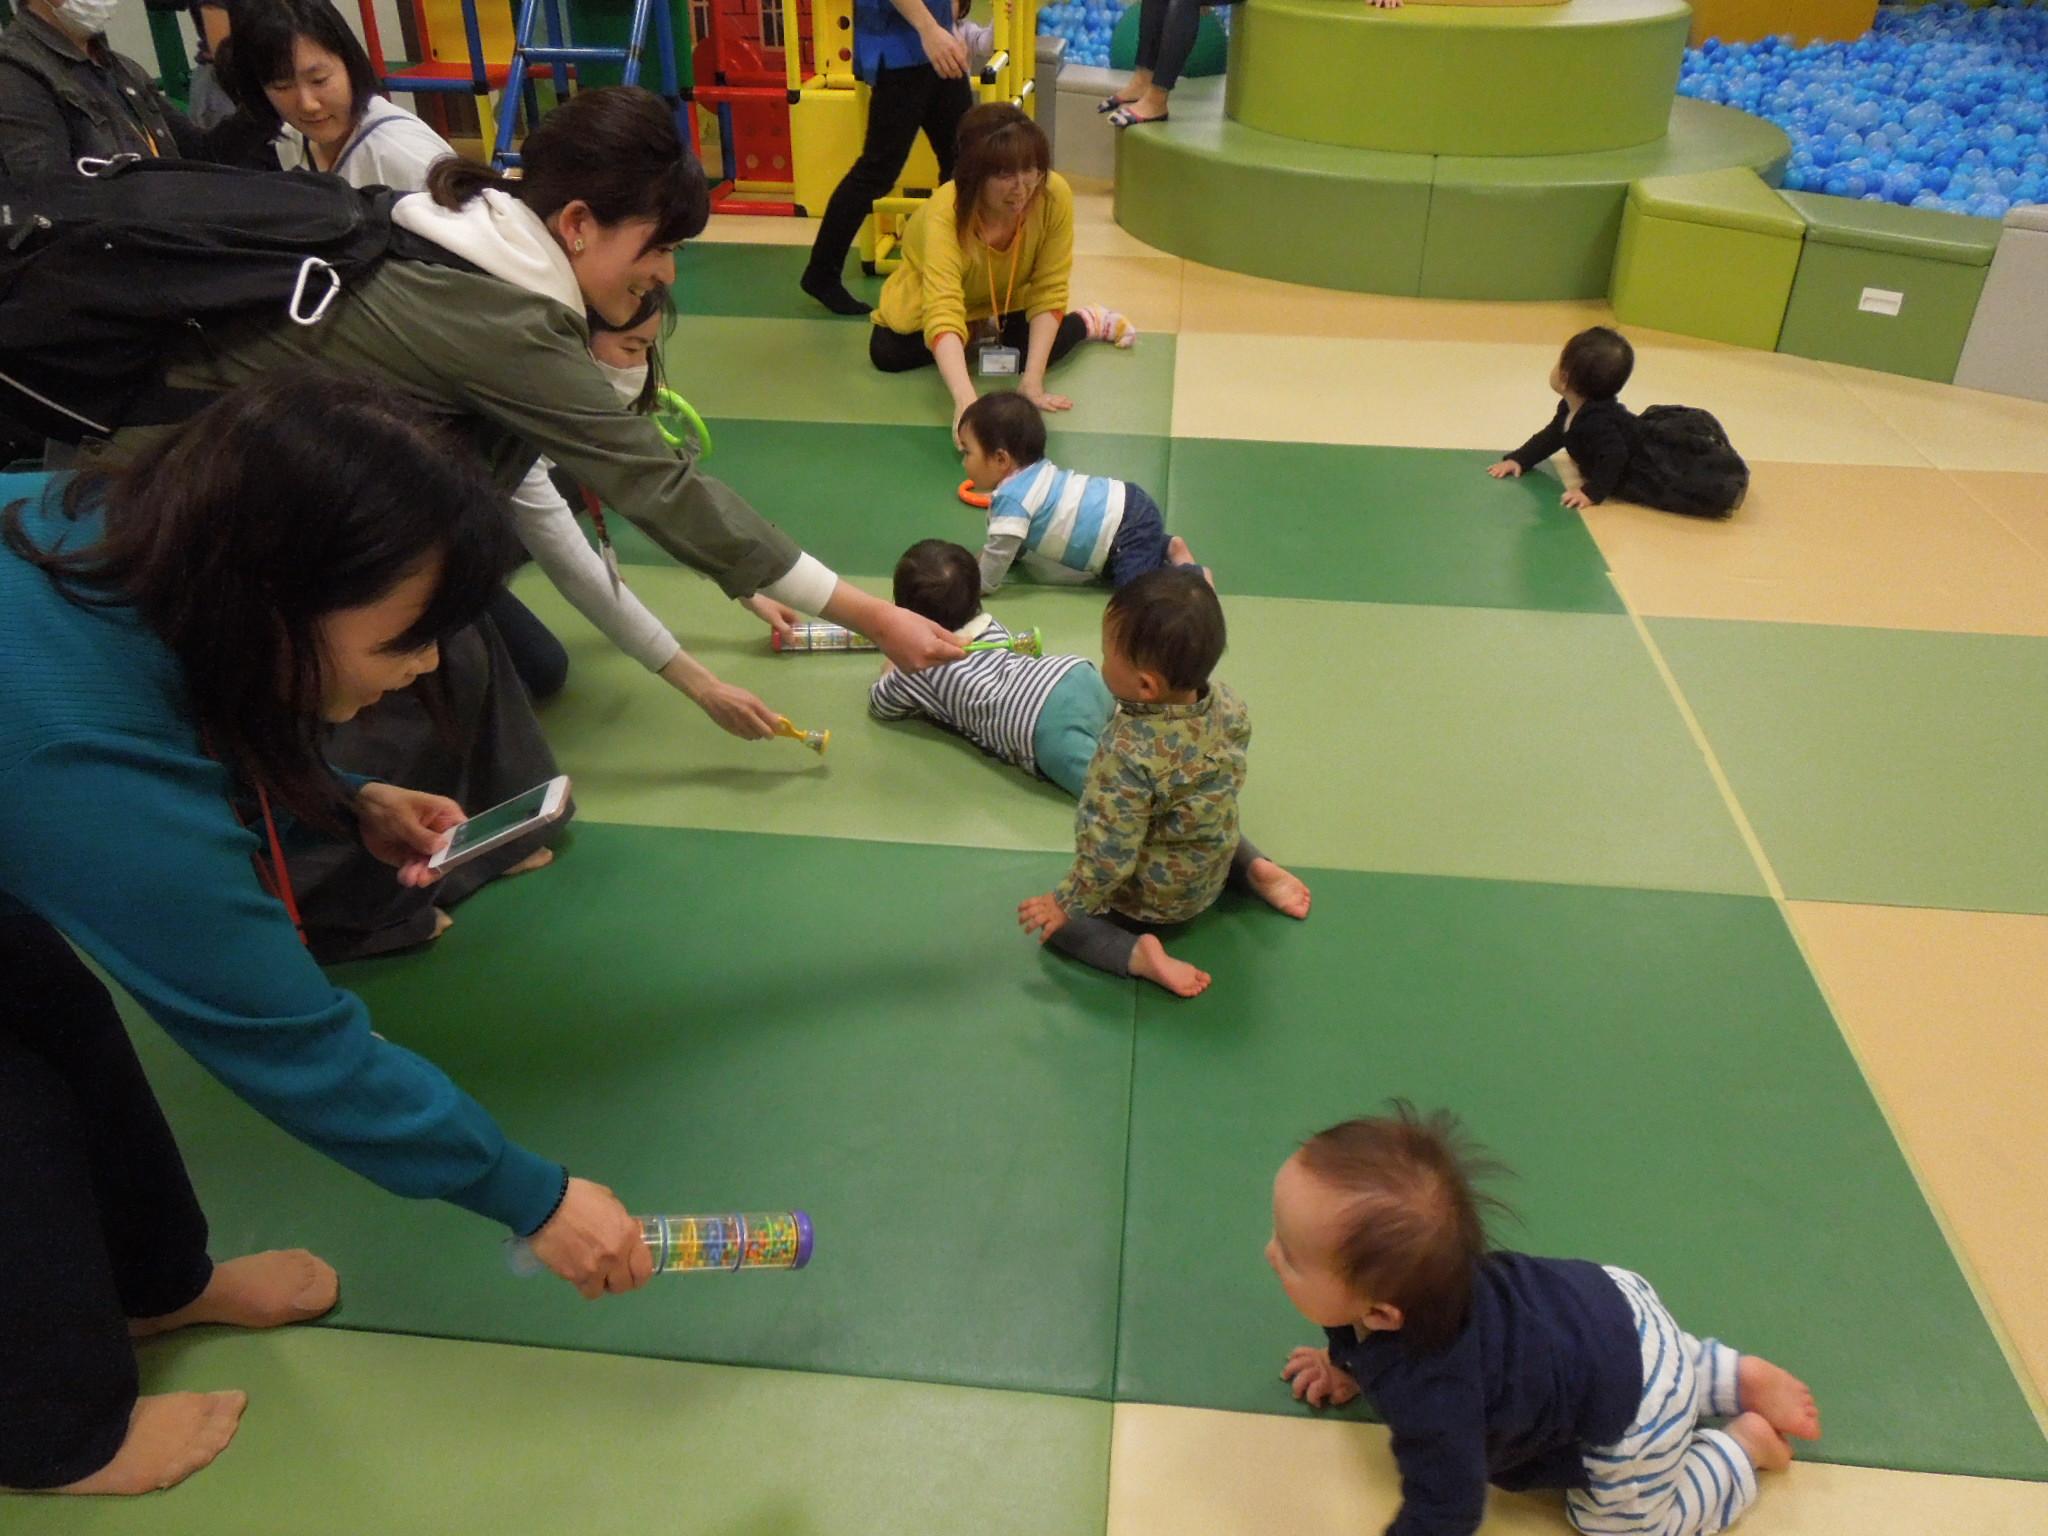 【火・木曜開催!赤ちゃんの日イベント】2/6(木)ハイハイレース